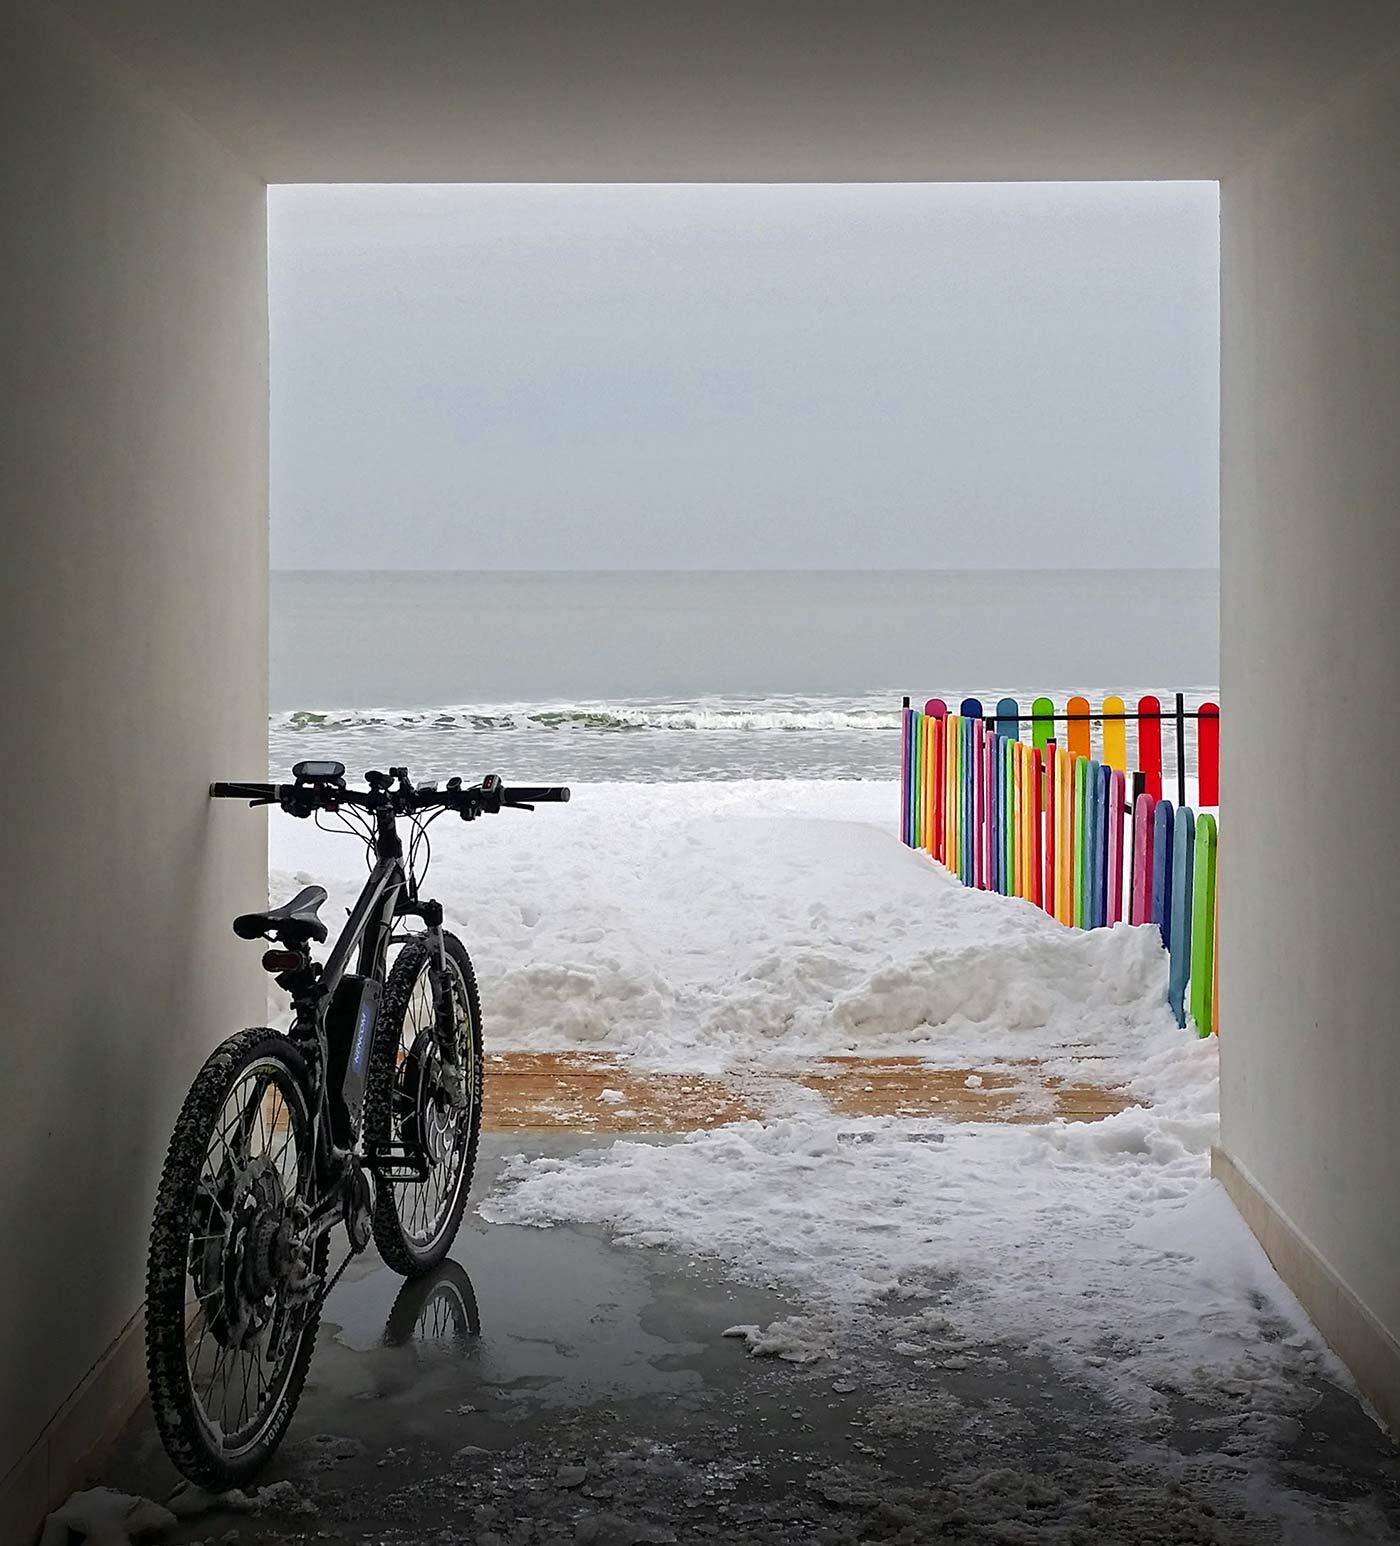 NENCOM Bike на брега на морето